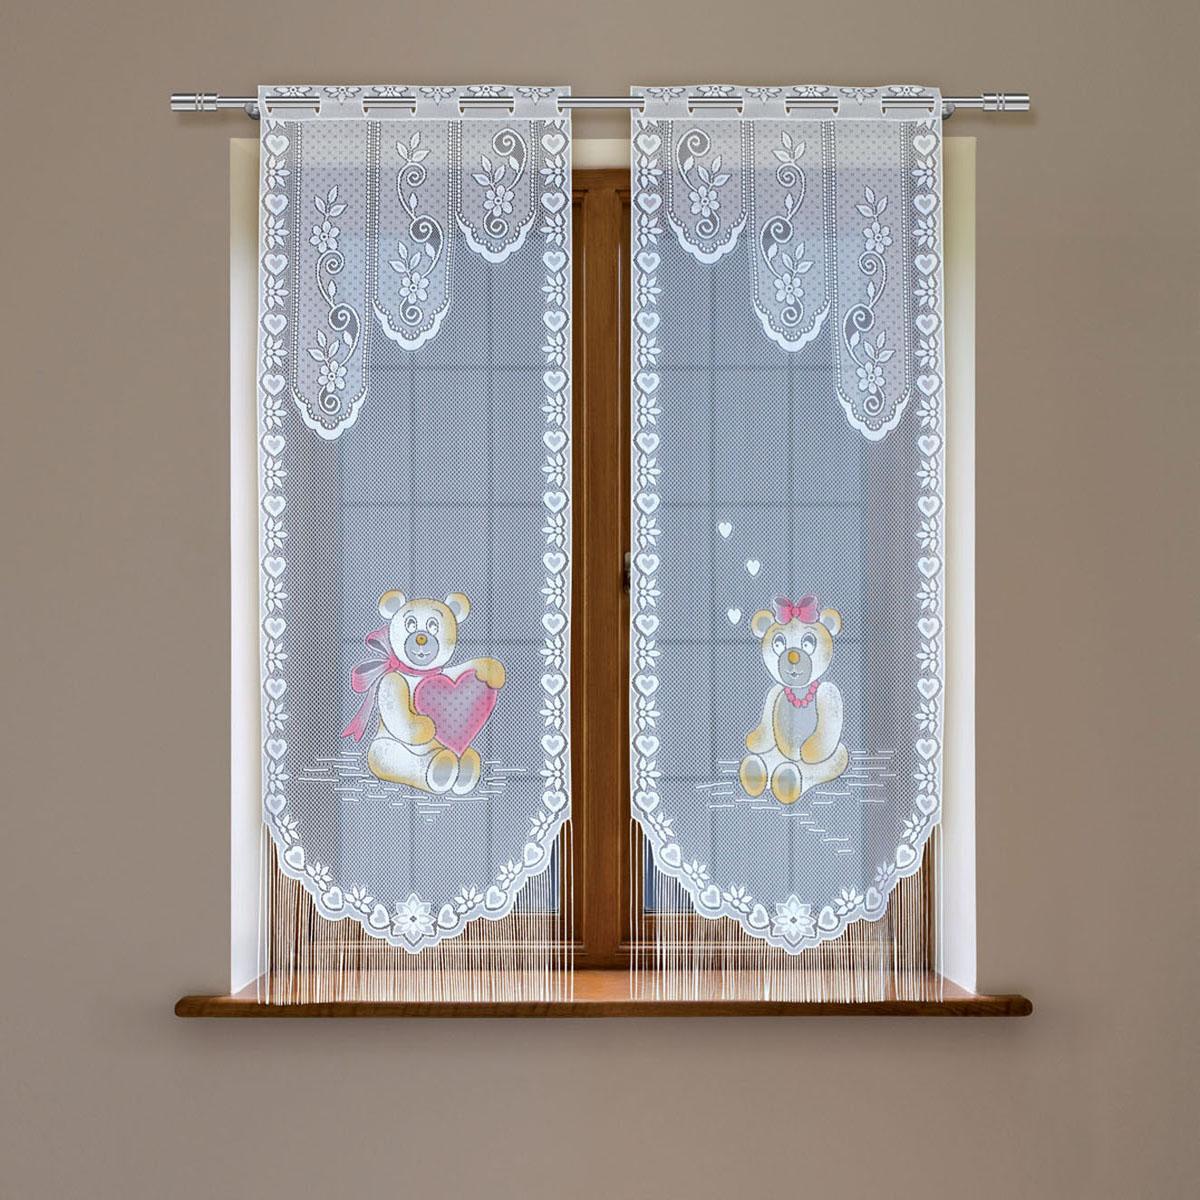 Гардина Haft, цвет: белый, высота 160 см. 8148С/608148С/60Гардина имеет в верхней части полотна прорези, через которые гардина-витраж вывешивается на карниз или можно крепить на зажим для штор,котрый в комплект не входит.Комплект состоит из двух полотен (выс.160* шир.60) Размеры: (высота 160* ширина 60)*2